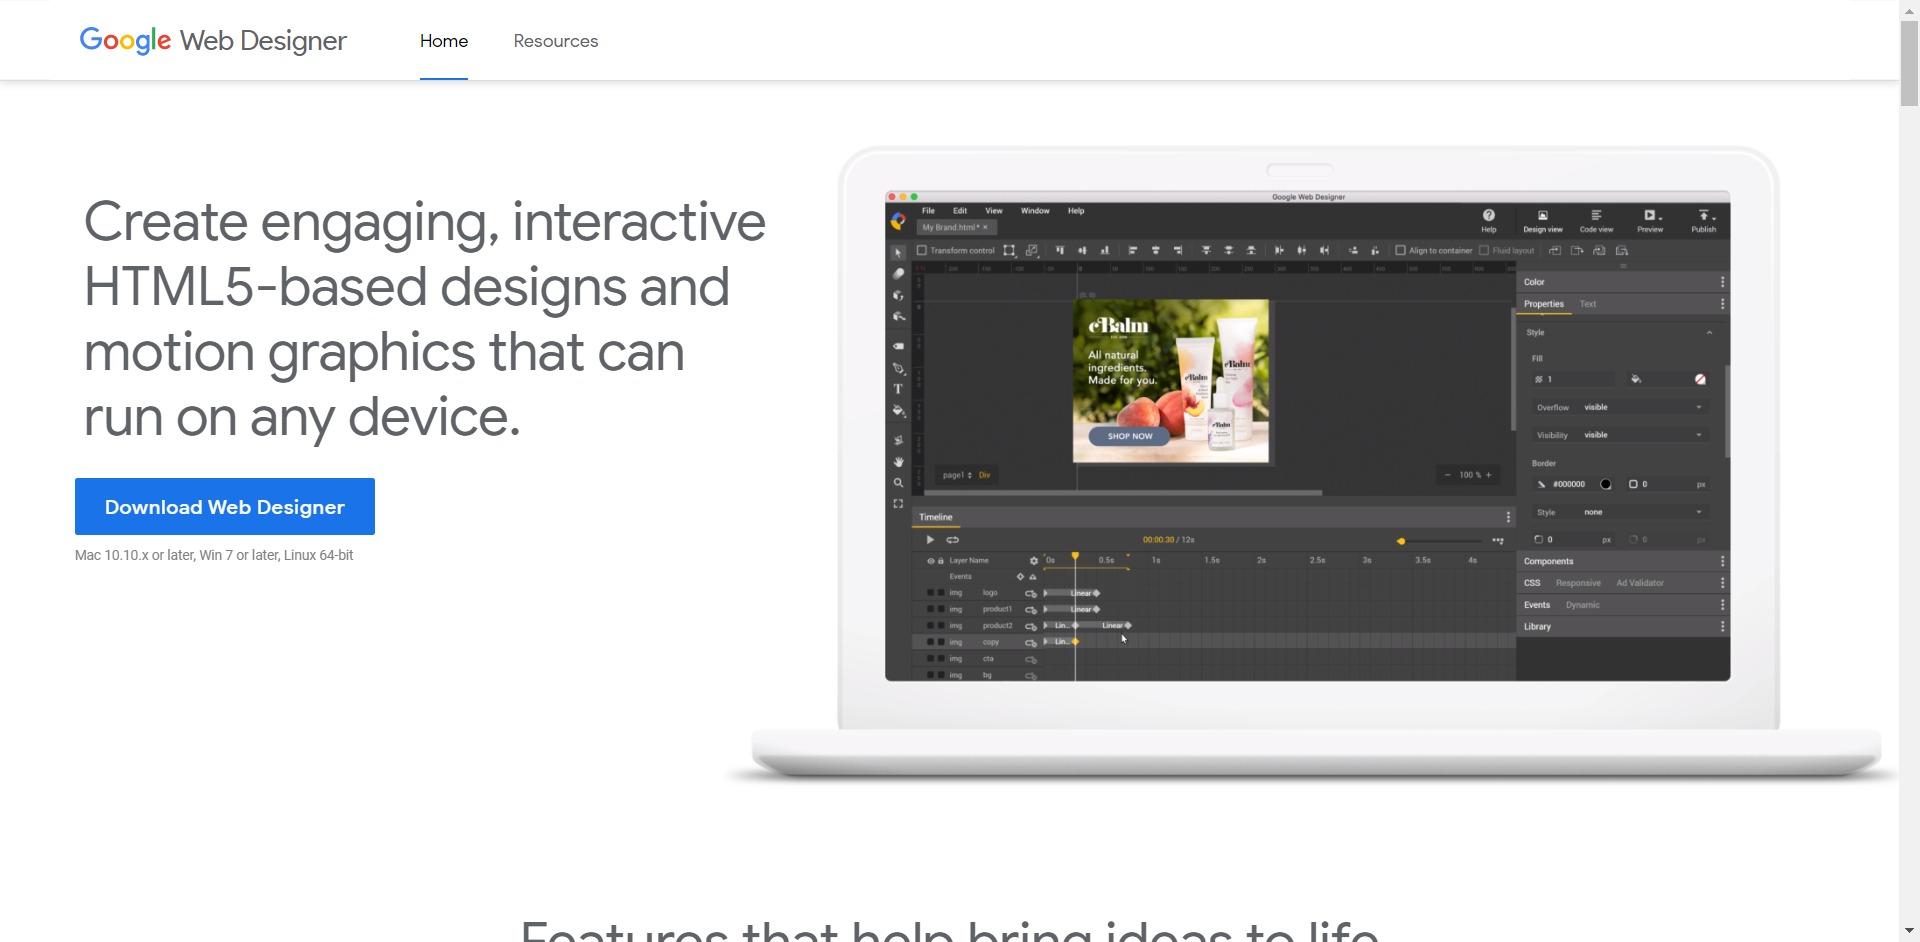 Google Web Designer home page